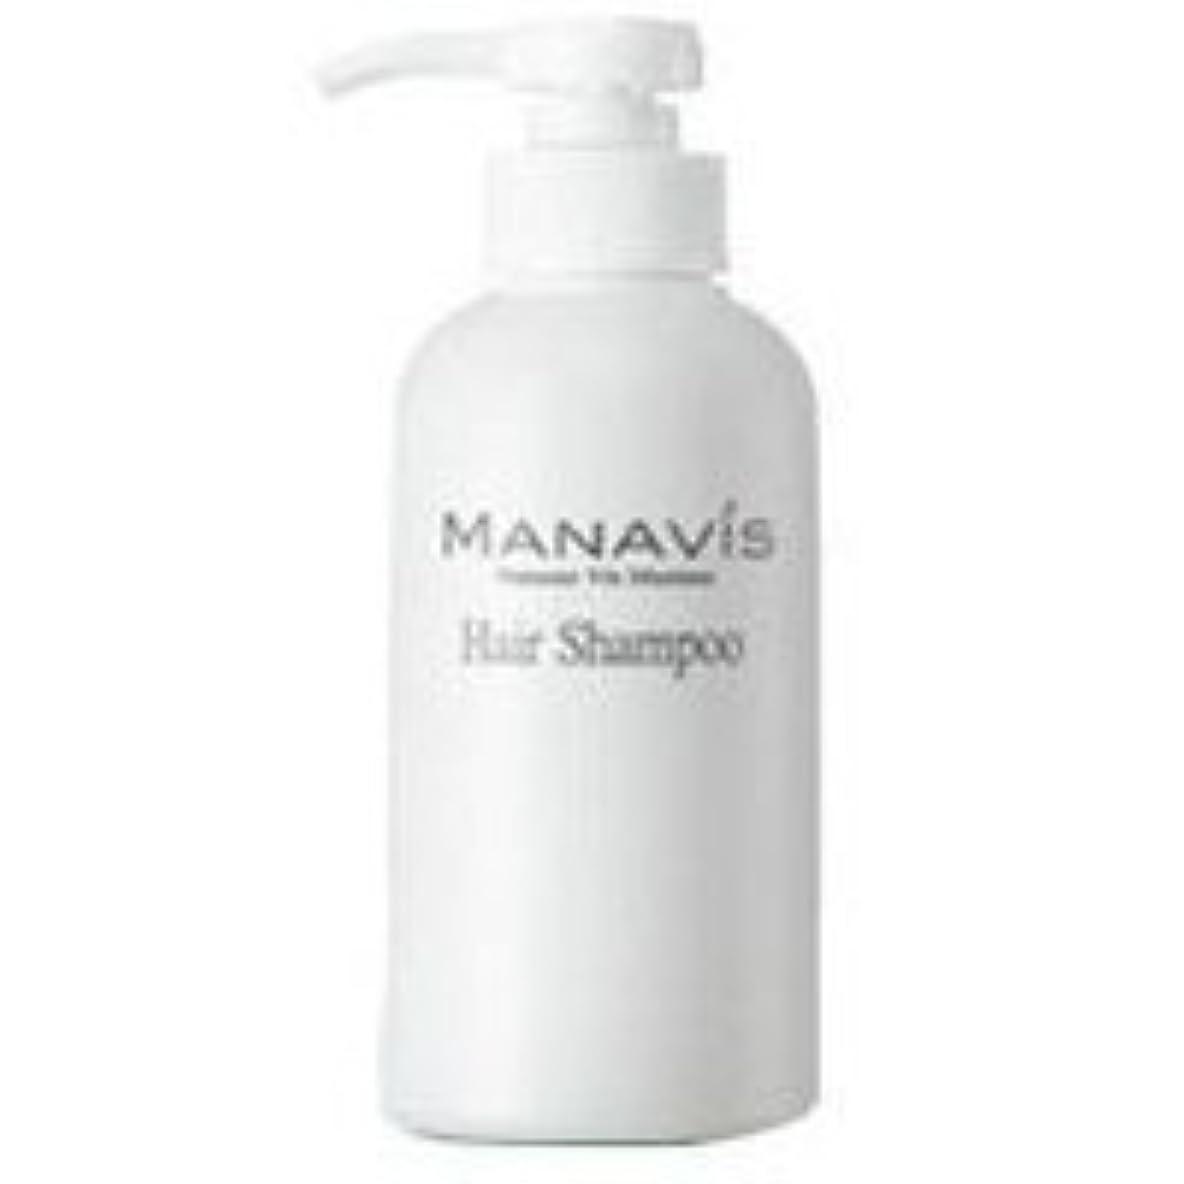 有限全滅させる不利益MANAVIS マナビス化粧品 薬用シャンプー